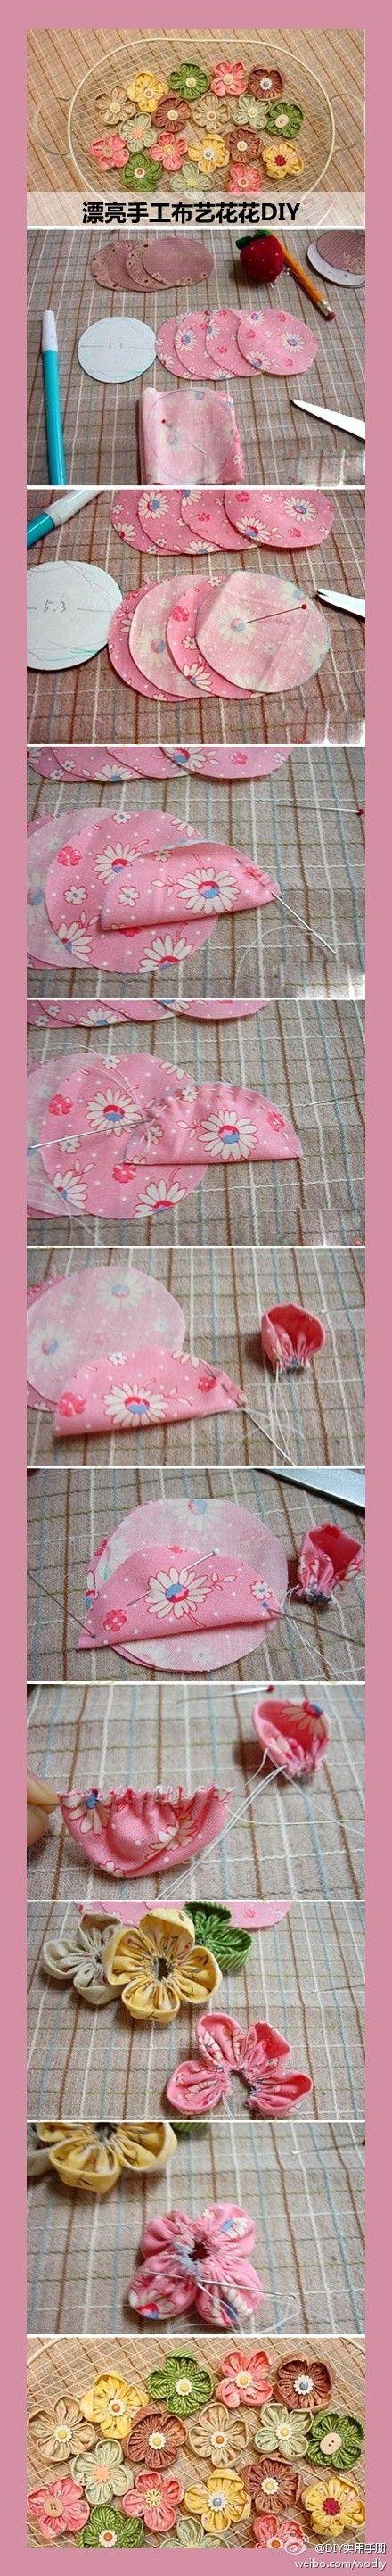 Yo yo flowers for quilt by sondra